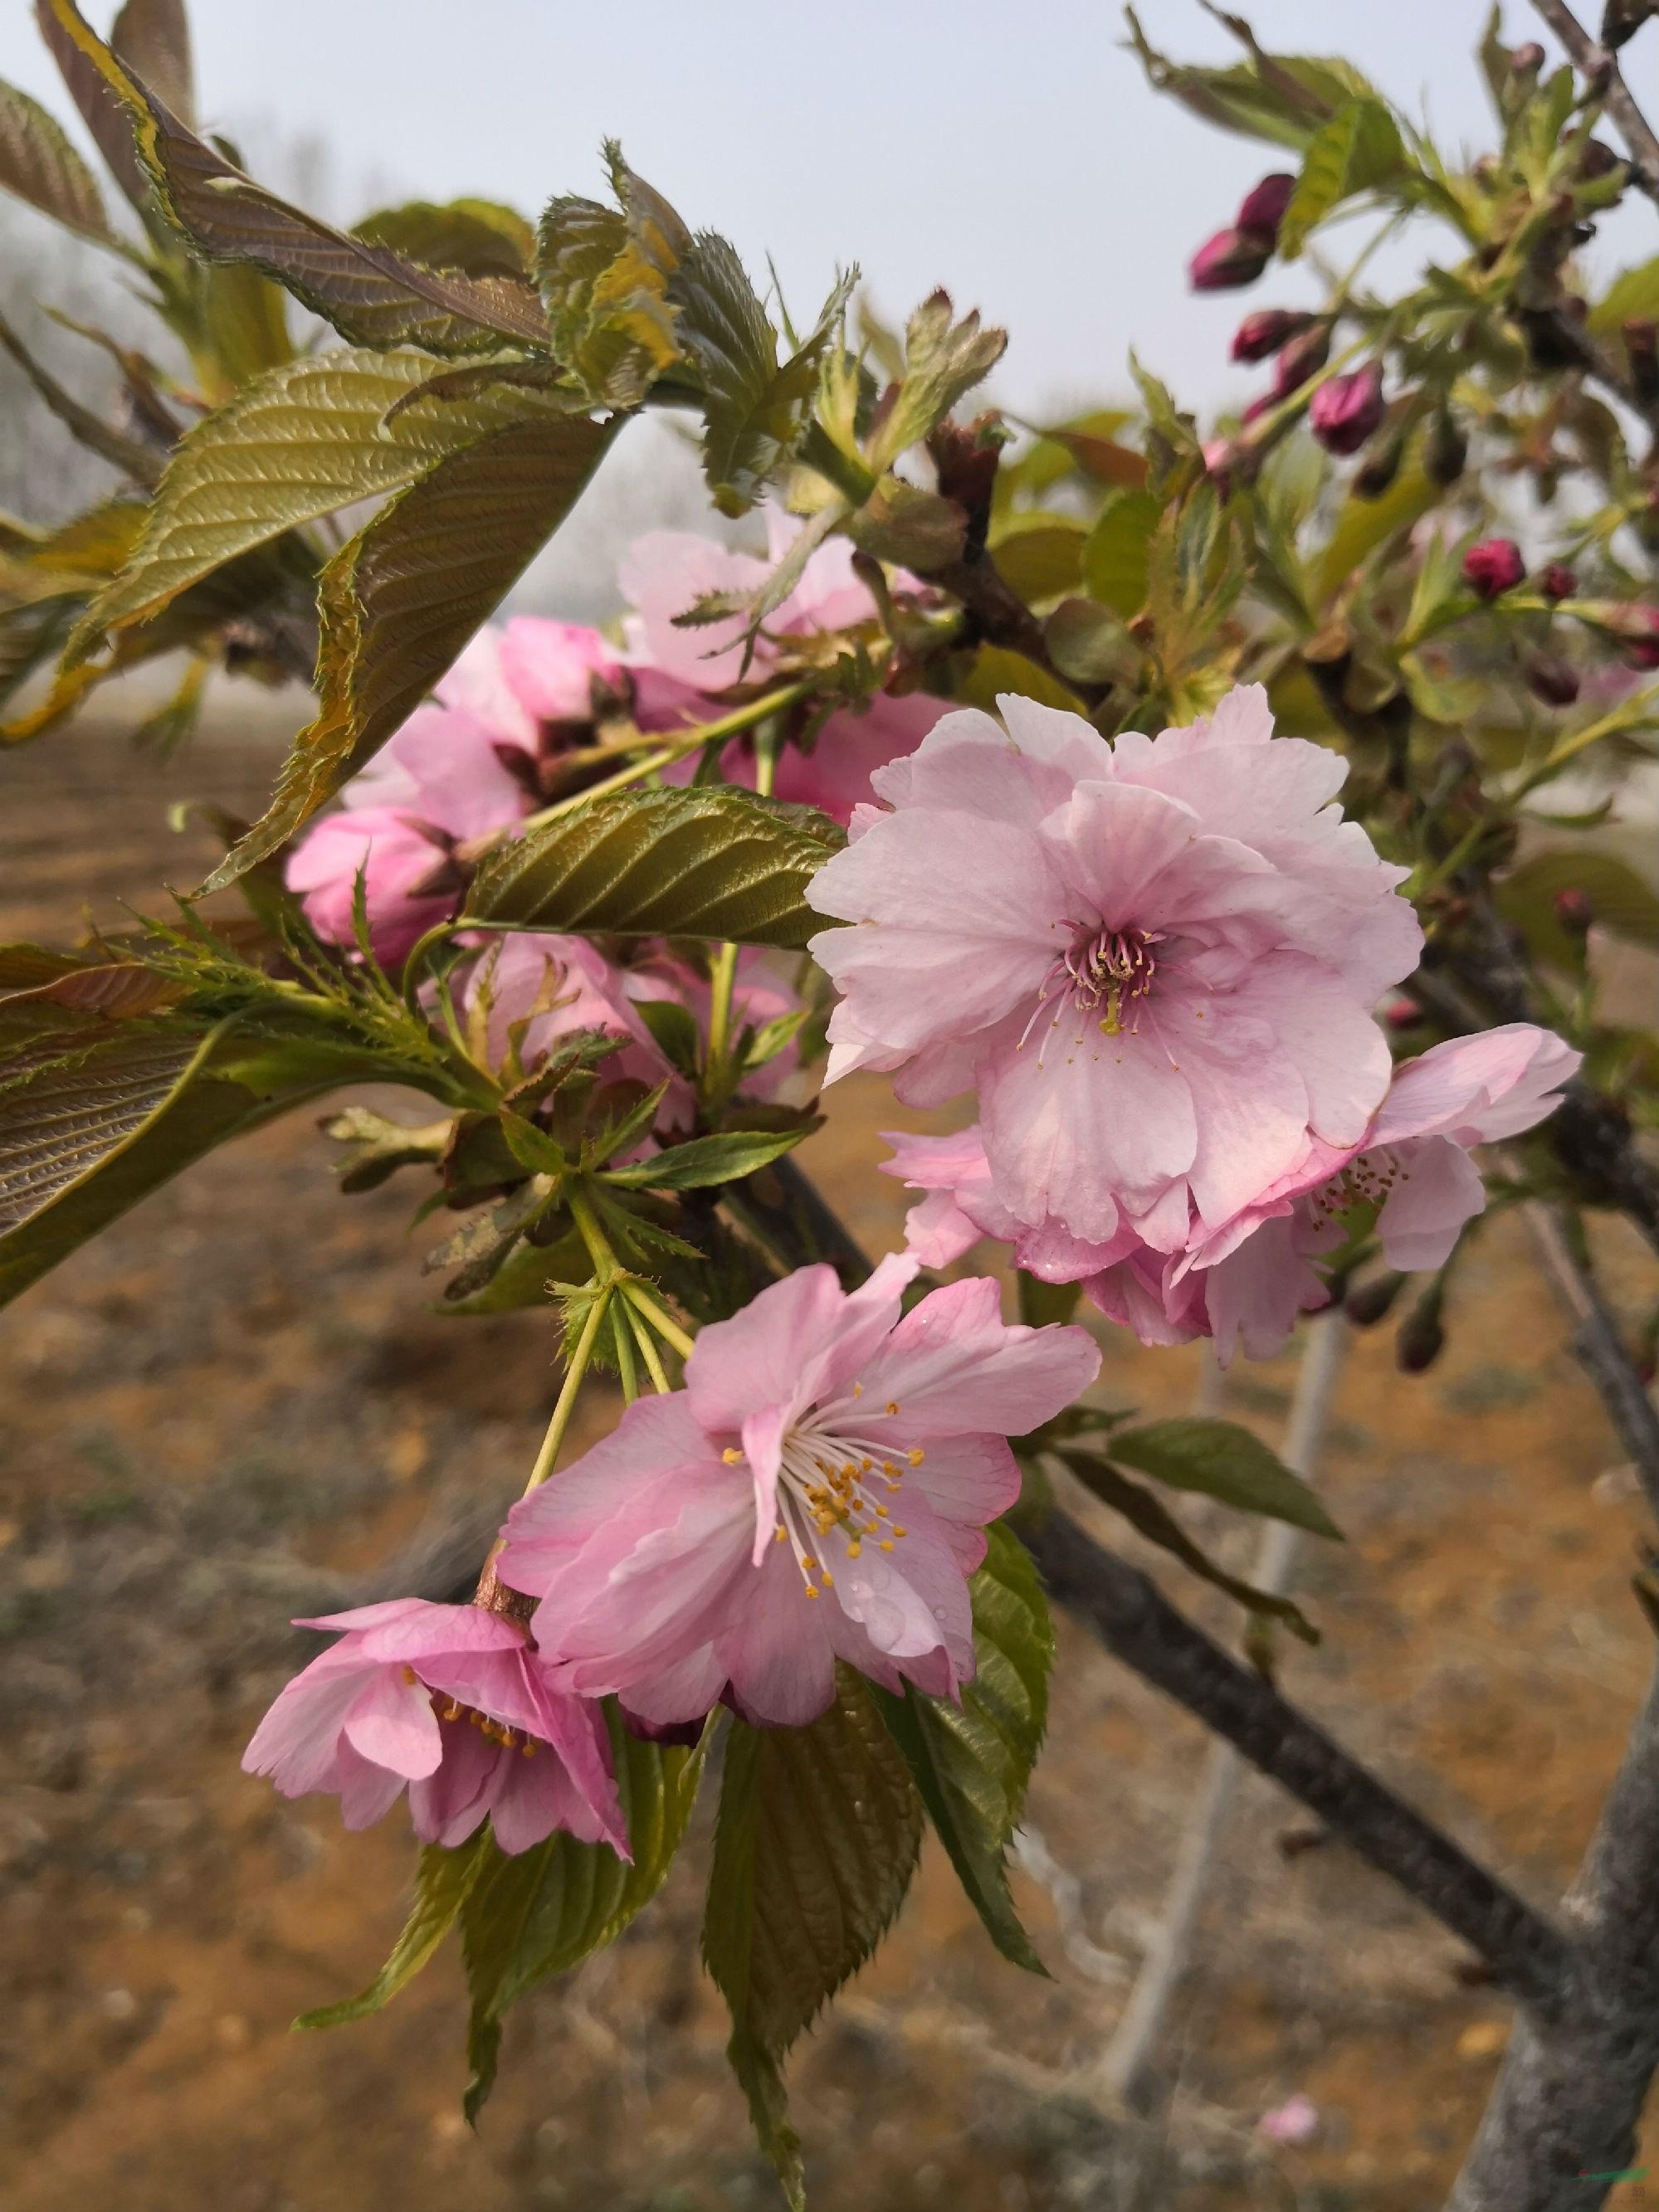 我国首个杂交培育的樱花新品种'名贵红'获授权